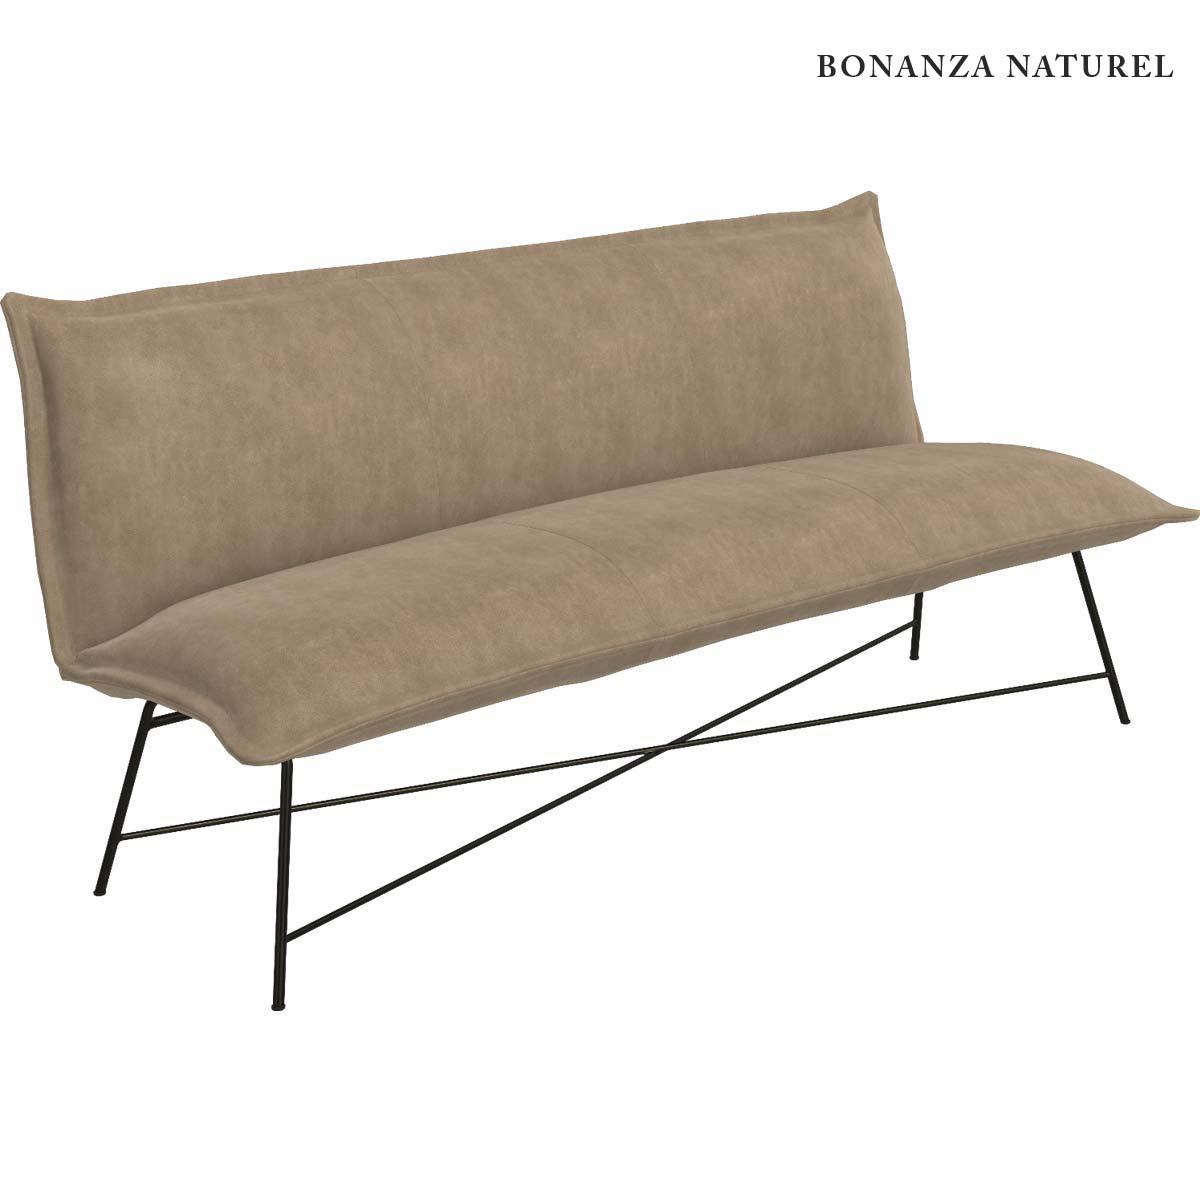 jess-design-essbank-vidar-bonanza-naturel-lichtraum24-01